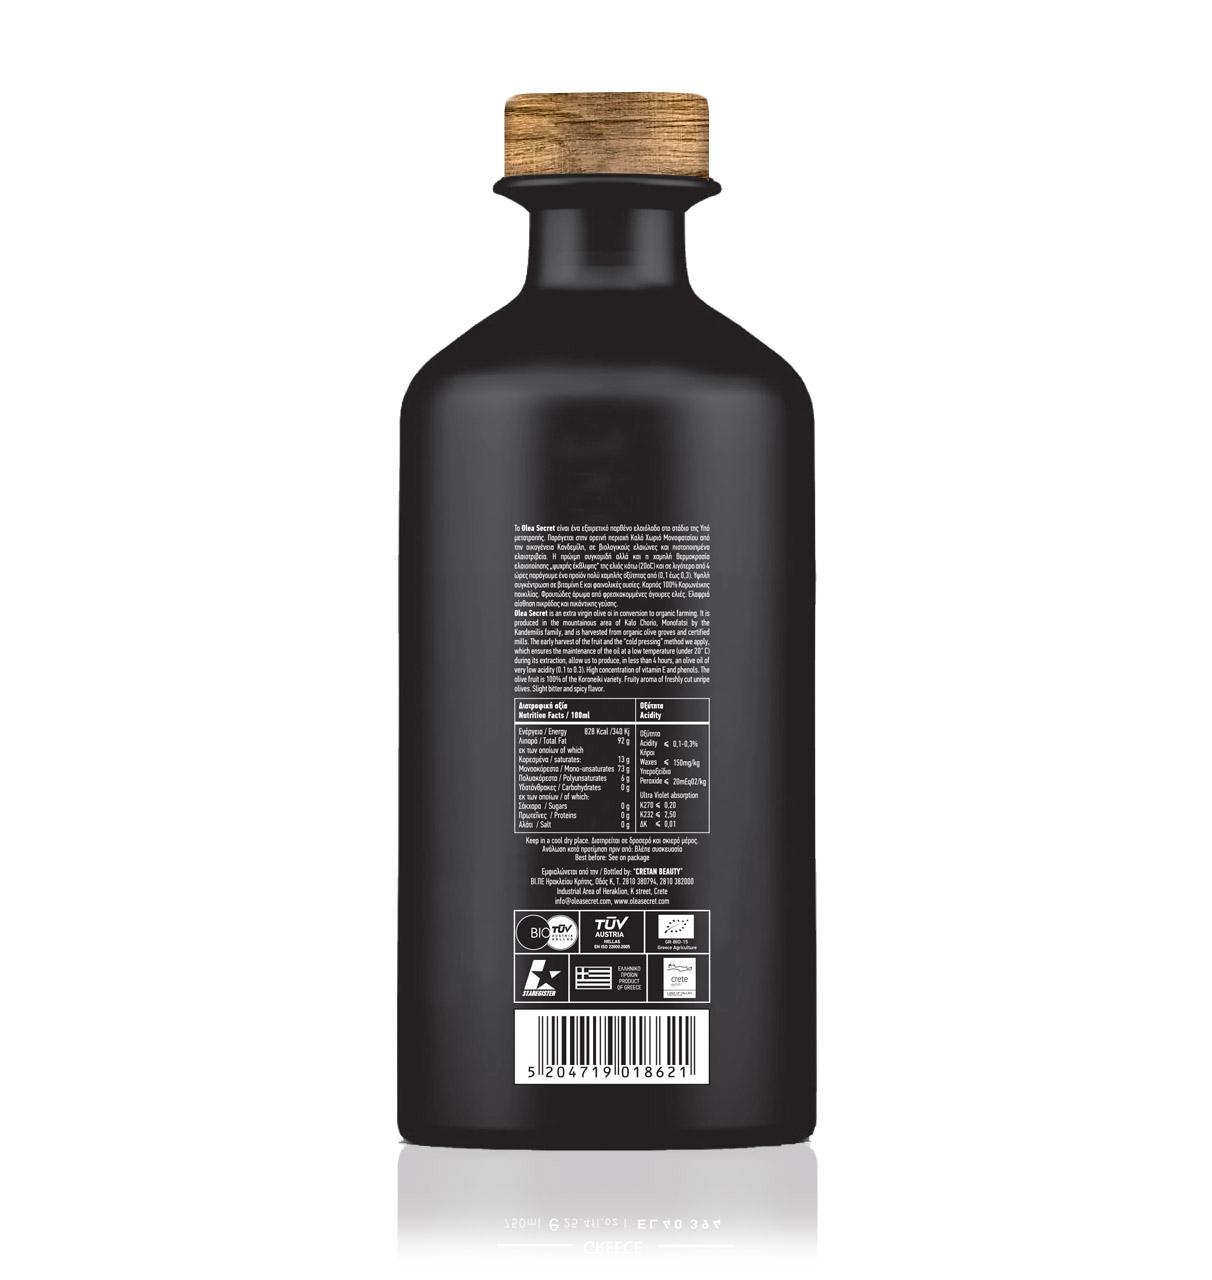 """Βιολογικό Εξαιρετικό Παρθένο Ελαιόλαδο Γυάλινο Μπουκάλι """"Olea Secret"""" 750ml."""